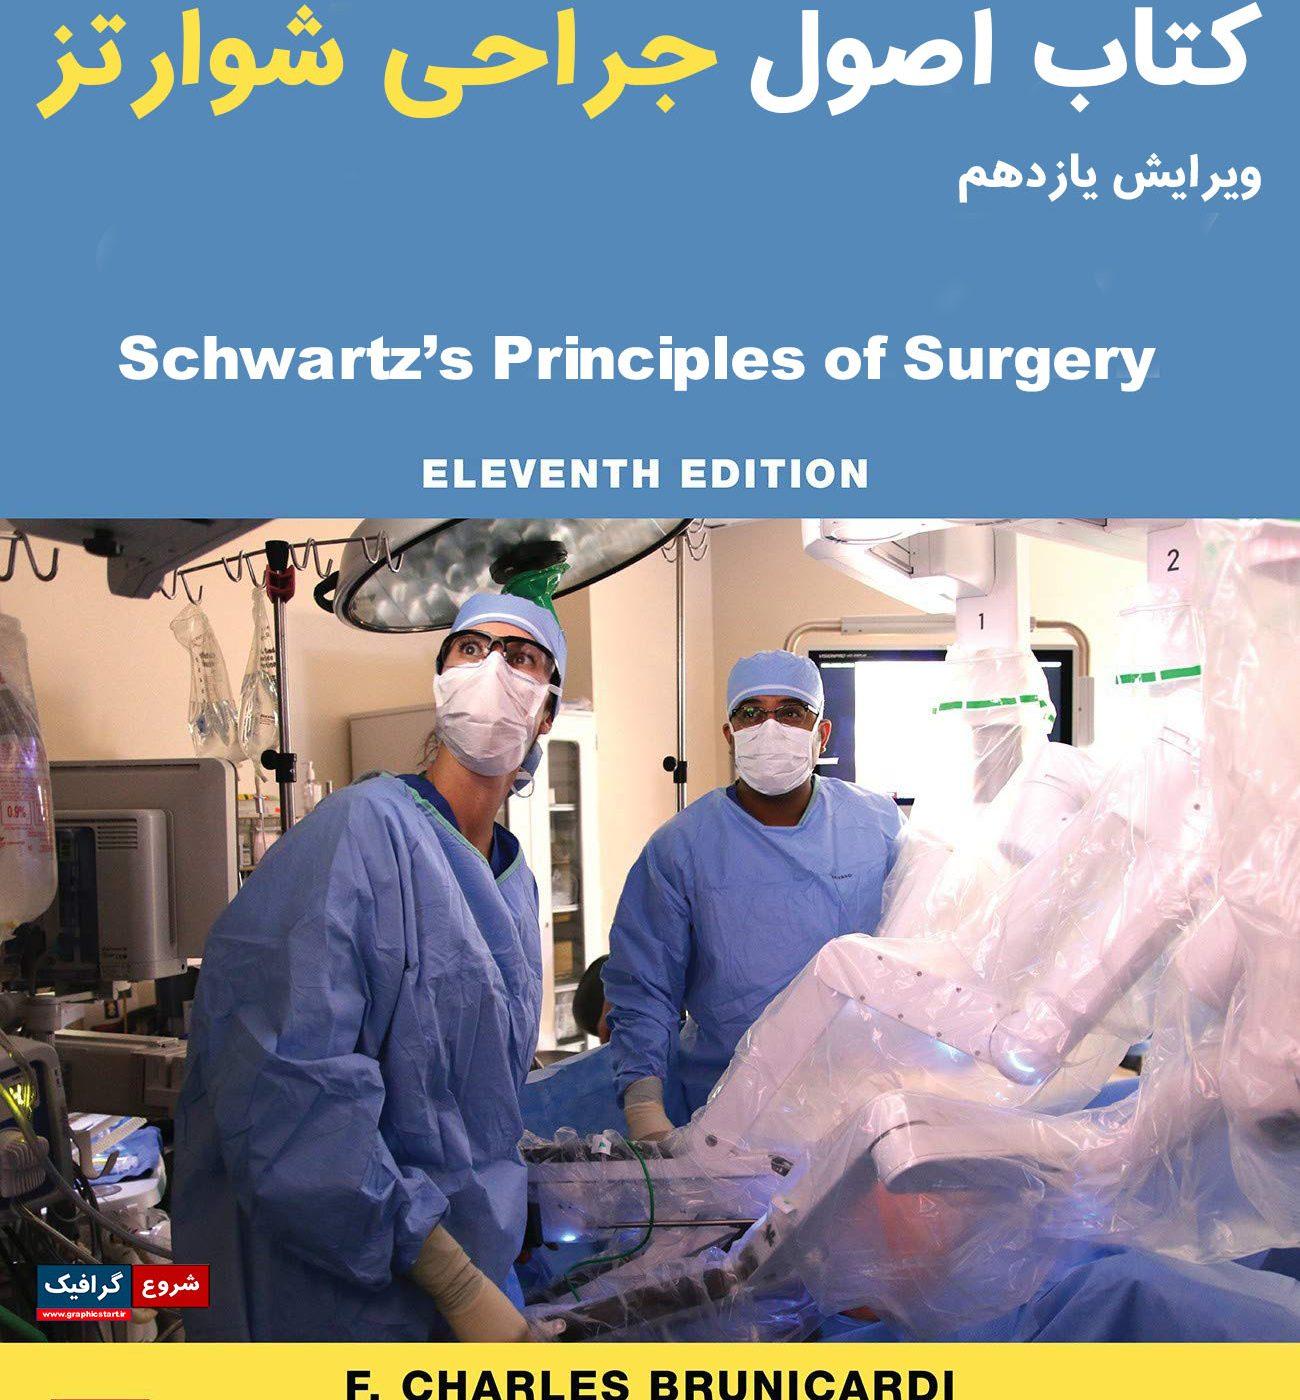 دانلود کتاب اصول جراحی شوارتز ویرایش ۱۱